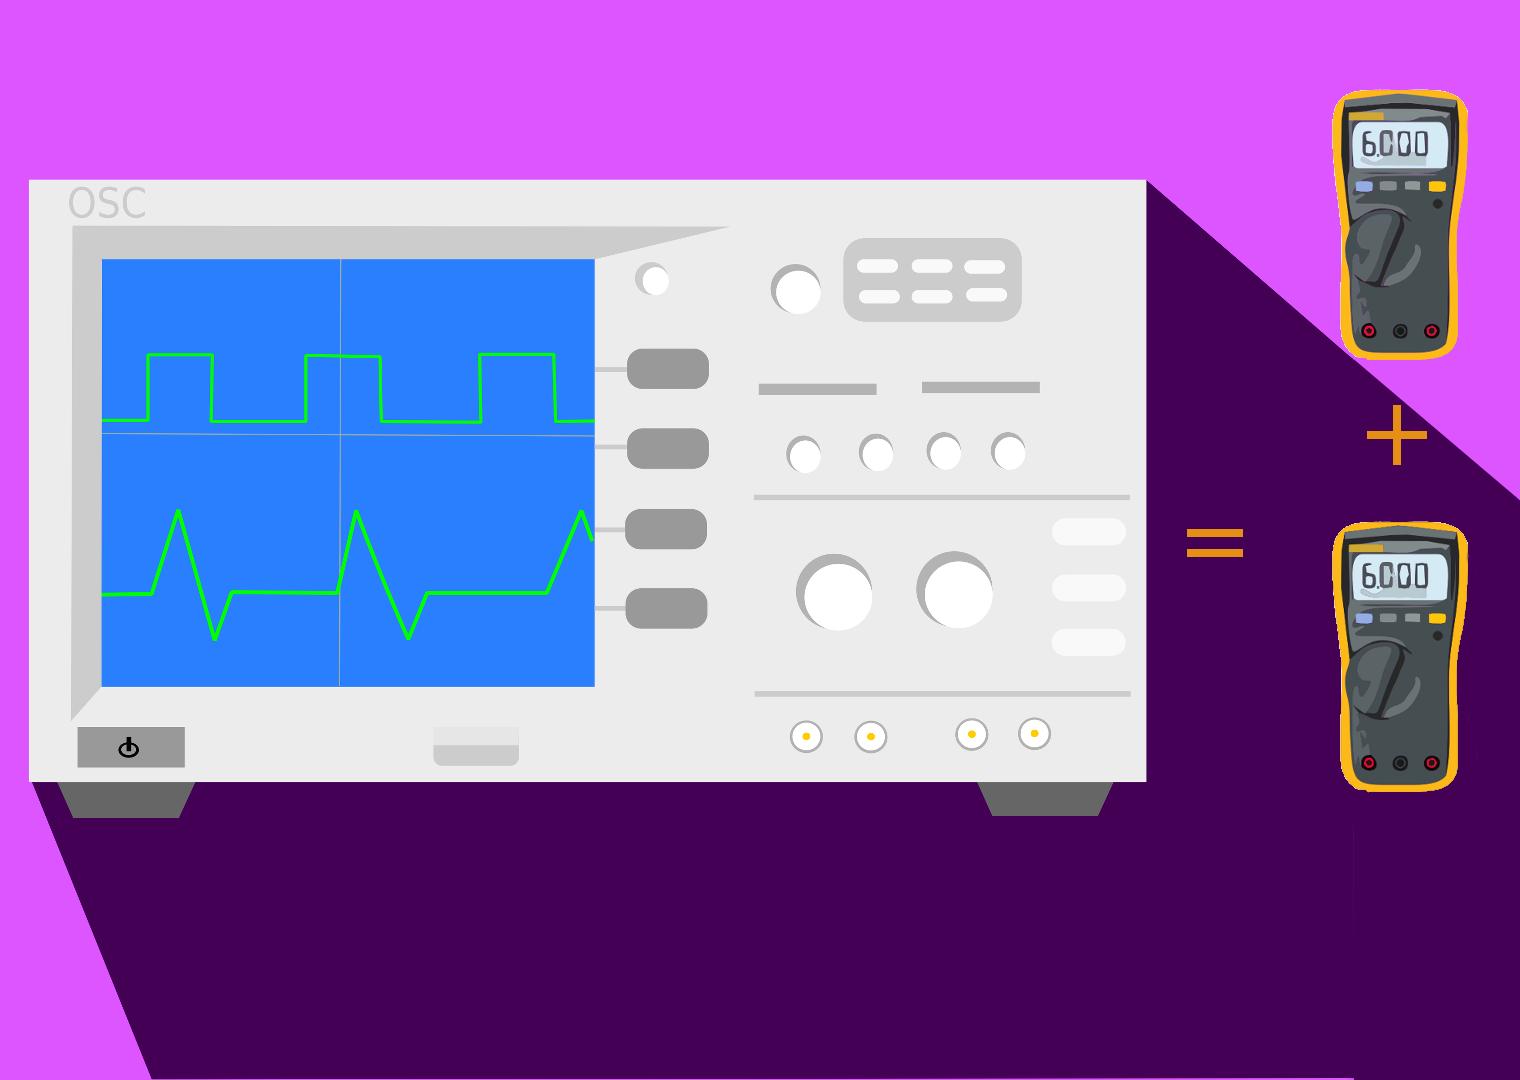 Un oscilloscope deux voies affiche simultanément les signaux qui auraient été mesurés par deux multimètres.